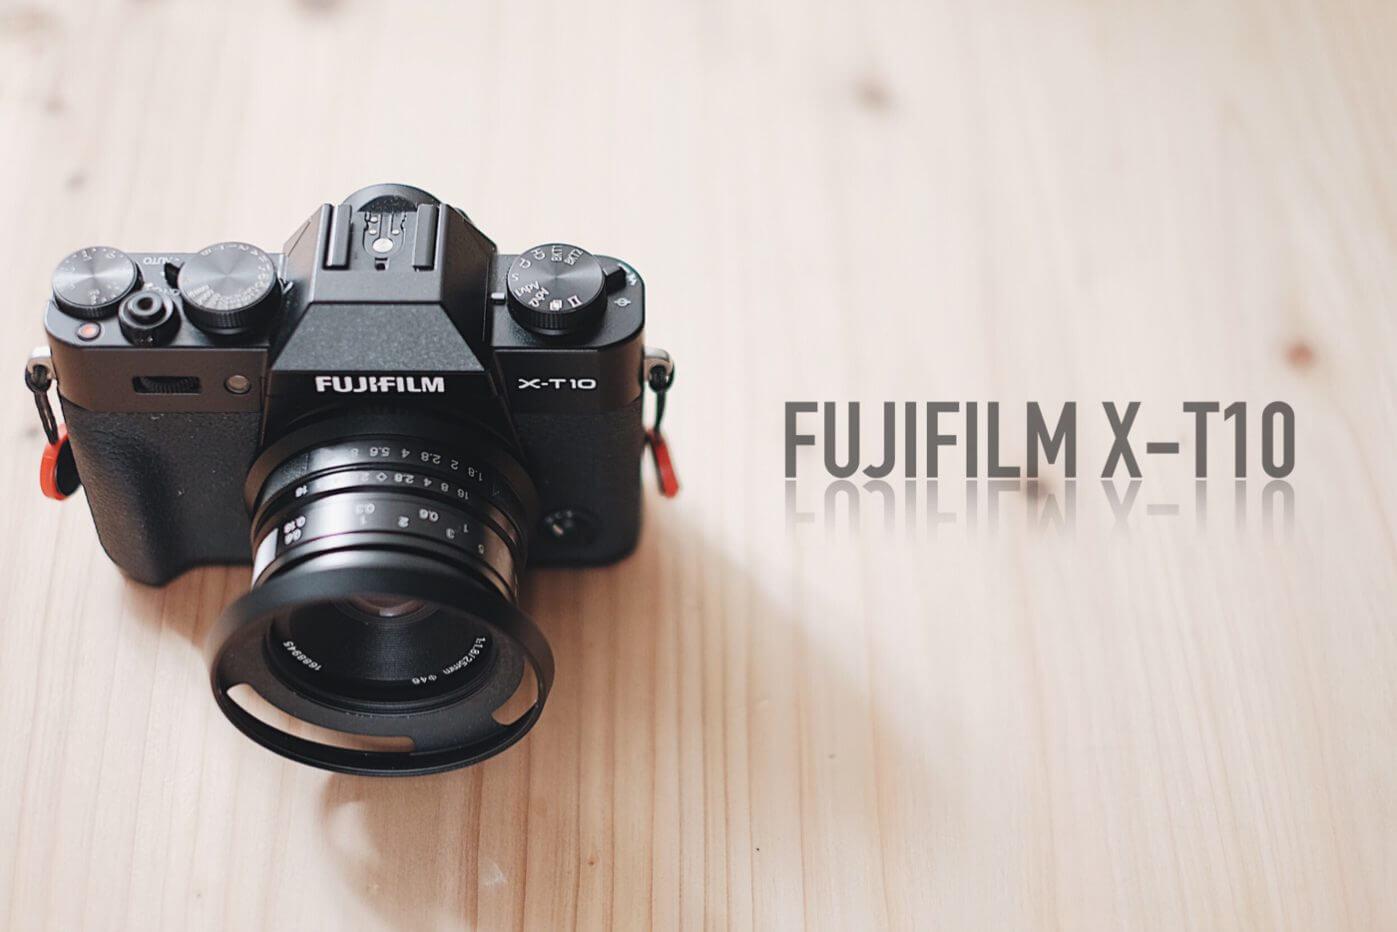 僕のはじめて買った富士フイルムのカメラFUJIFILM X-T10